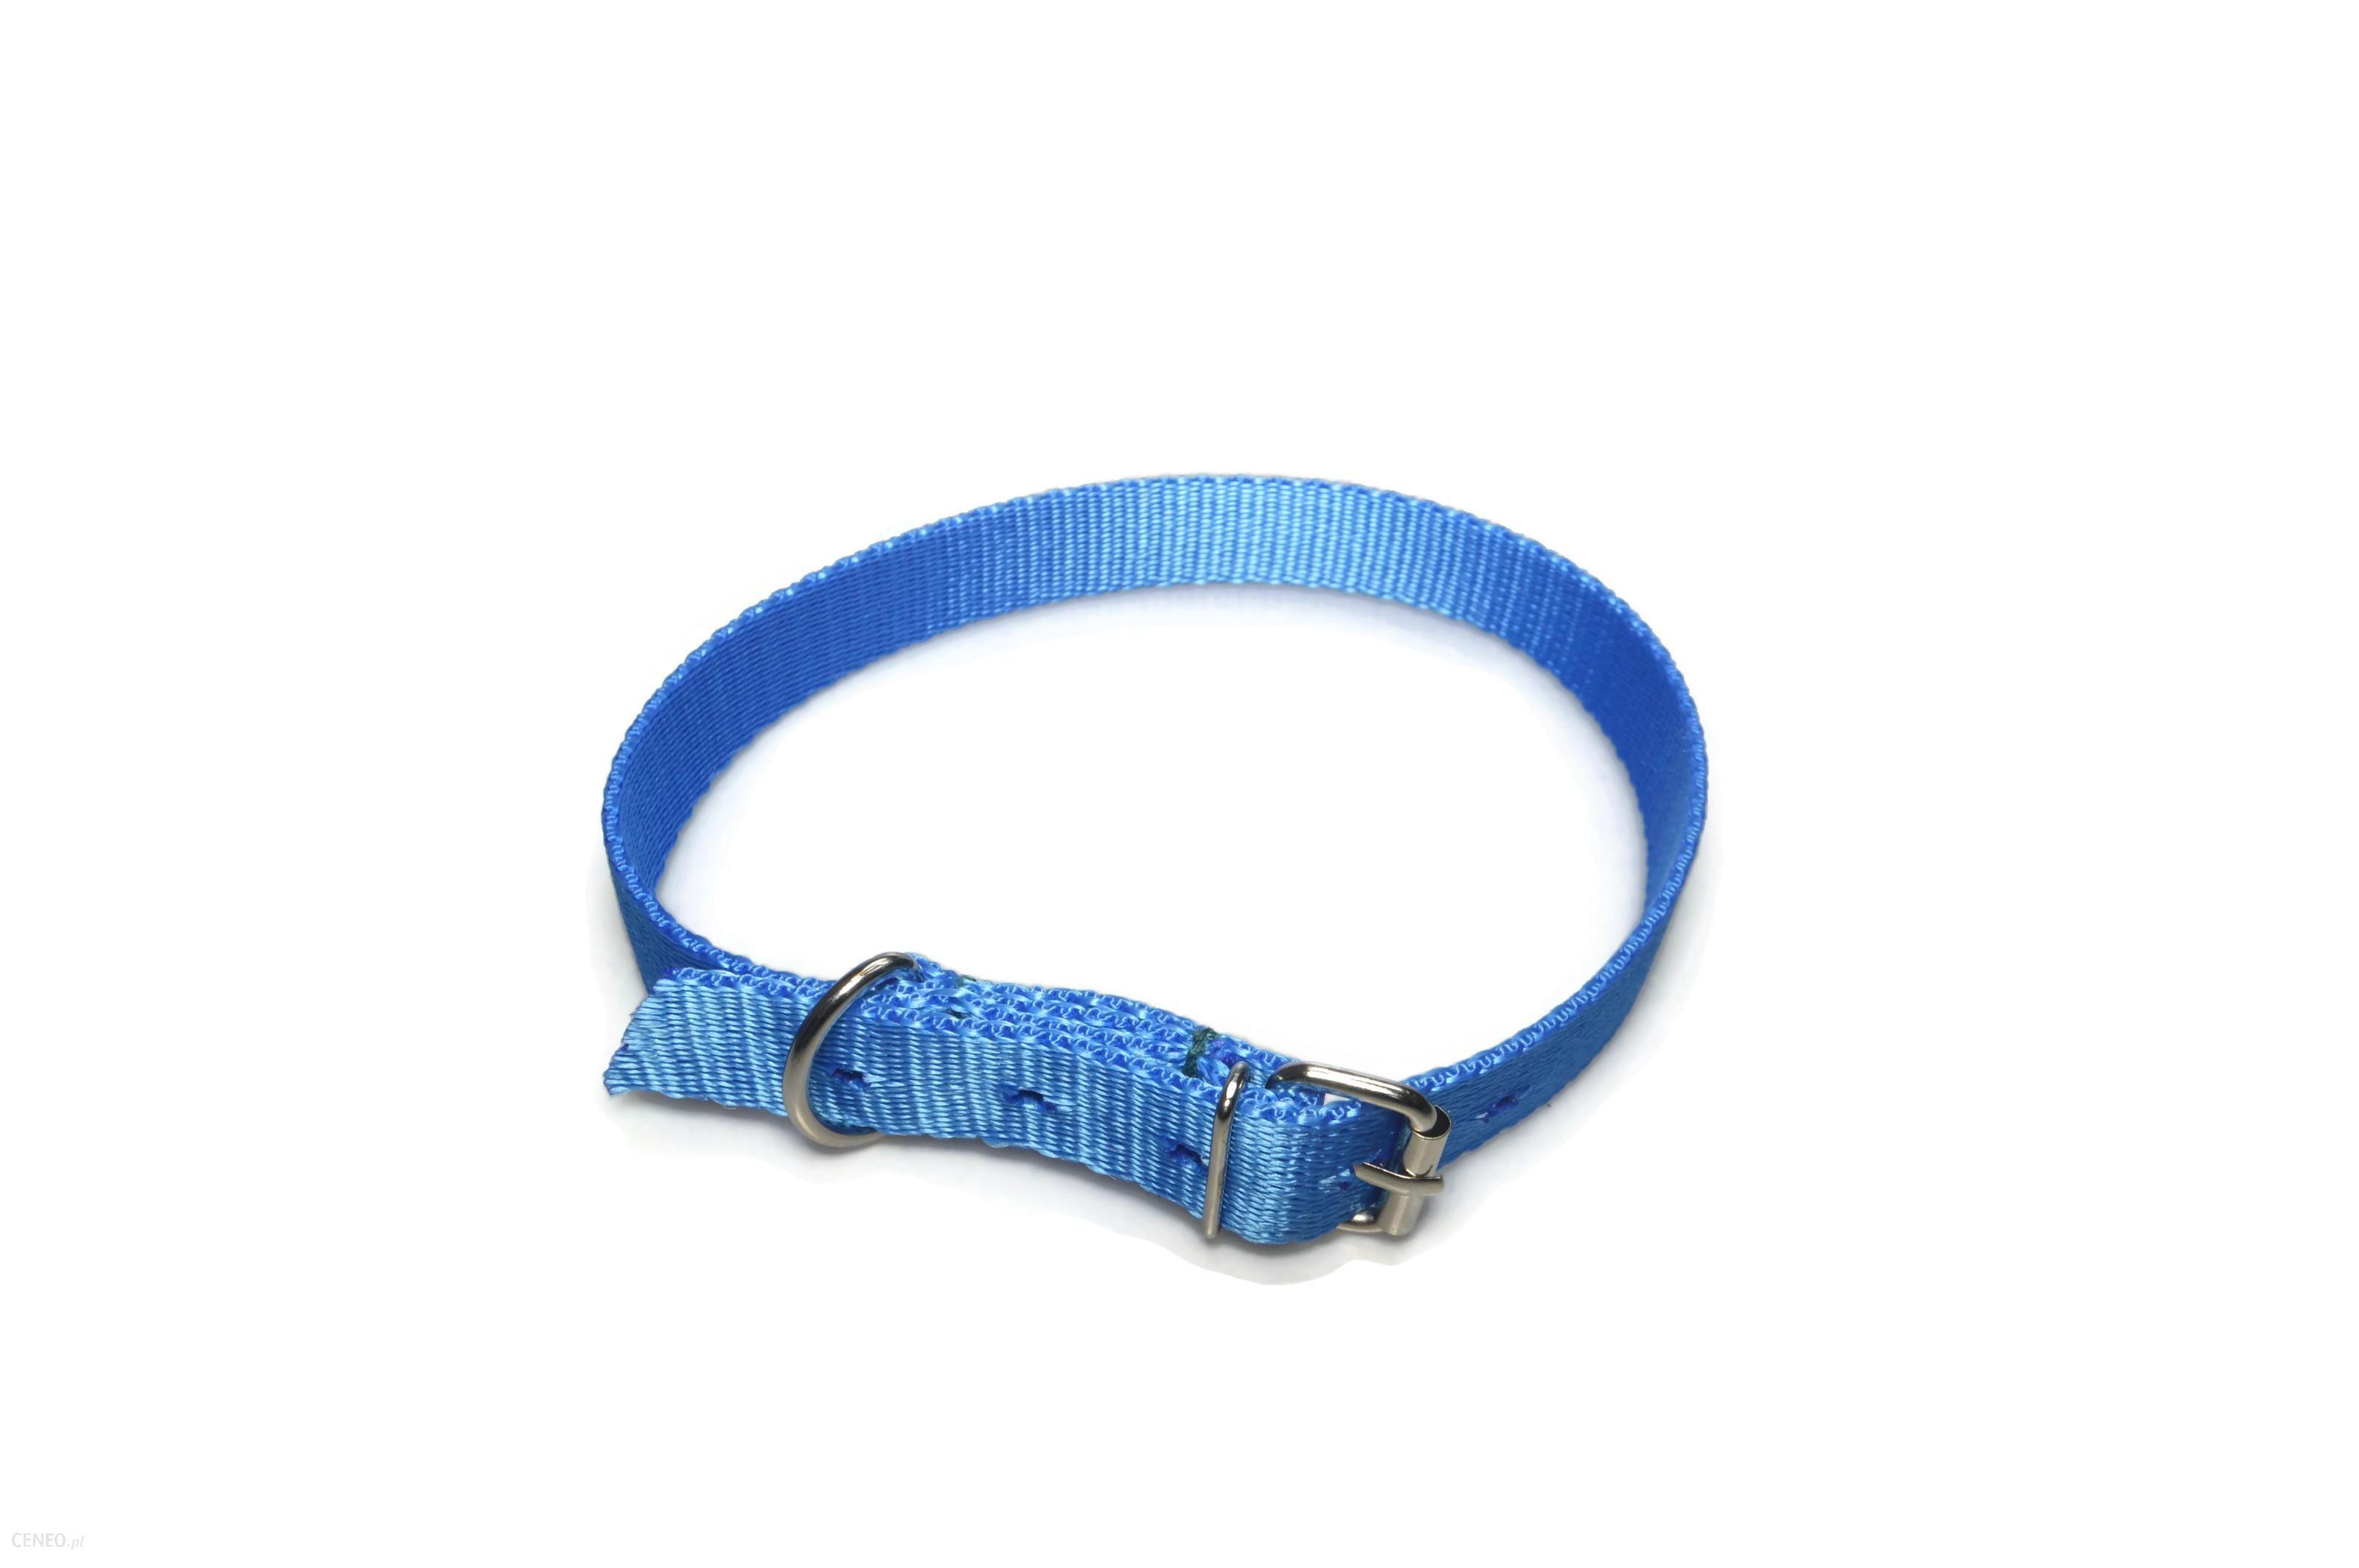 Alizoo Obroża dla dużego psa 25mm/44-59cm z metalową klamerką - (A011) Niebieski